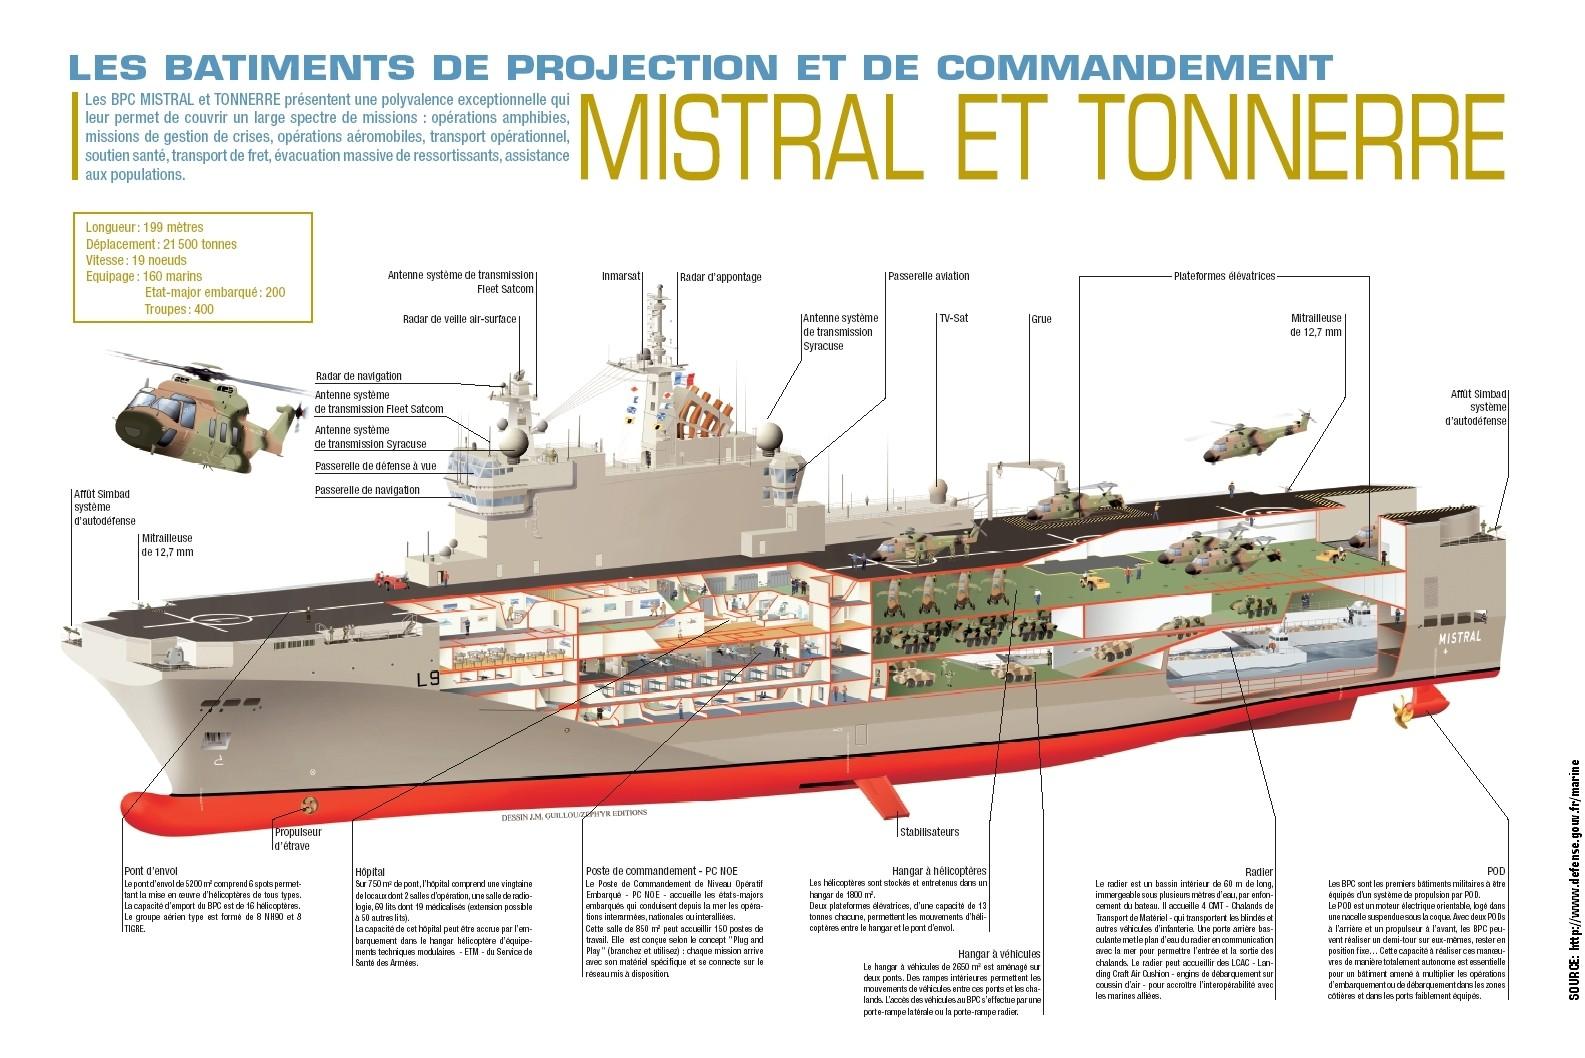 mistral-cutaway-source-marine-nationale-website.jpg